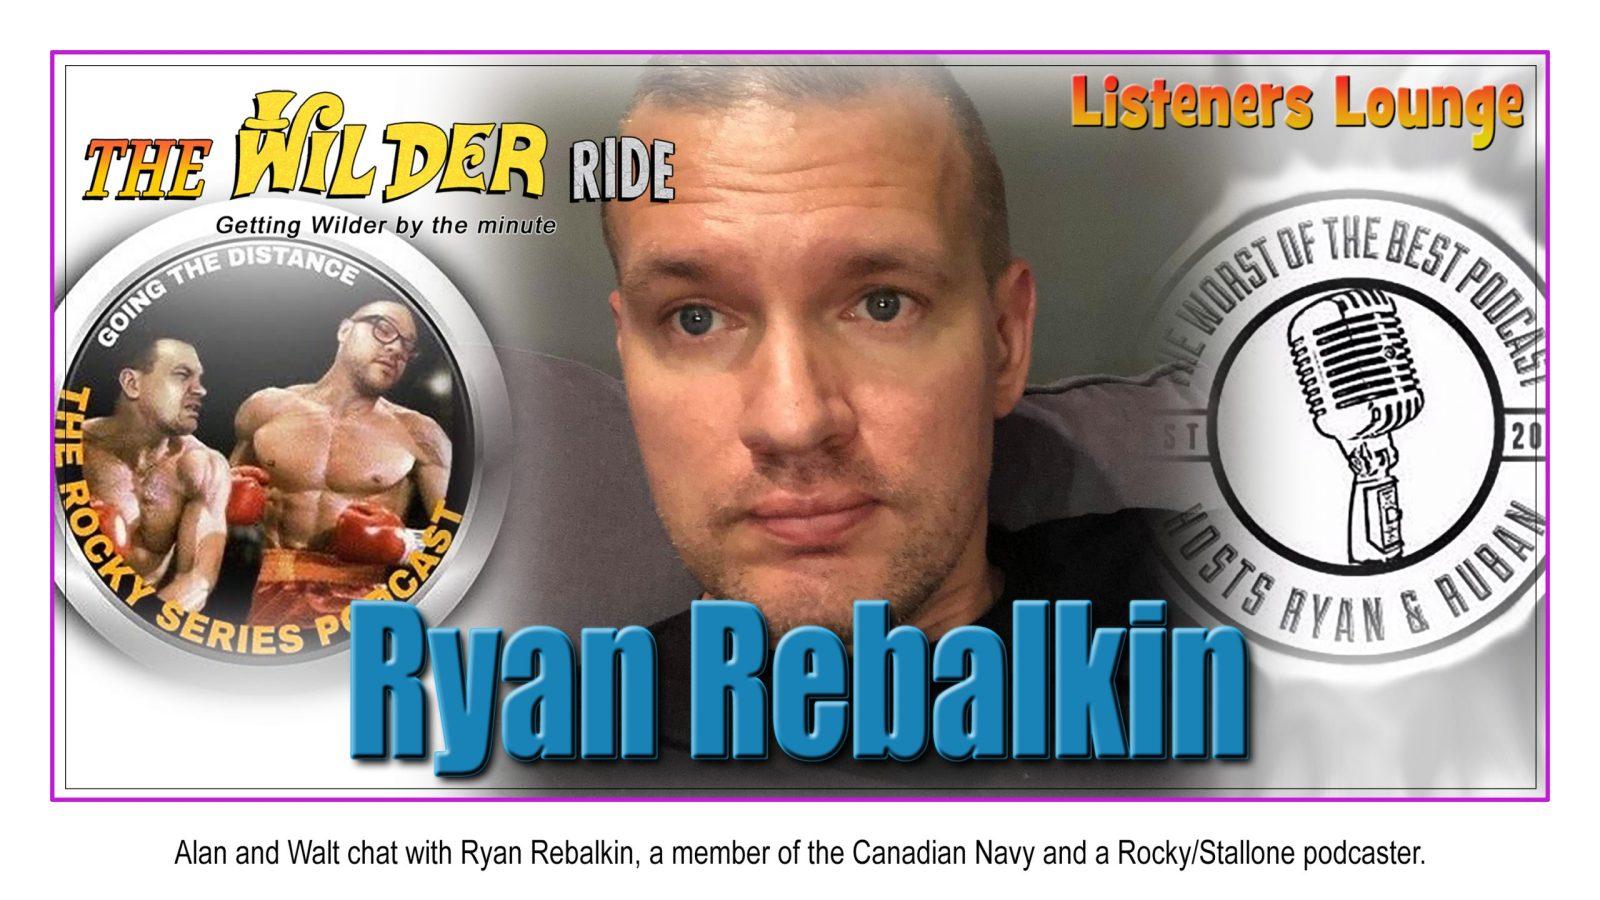 Ryan Rebalkin